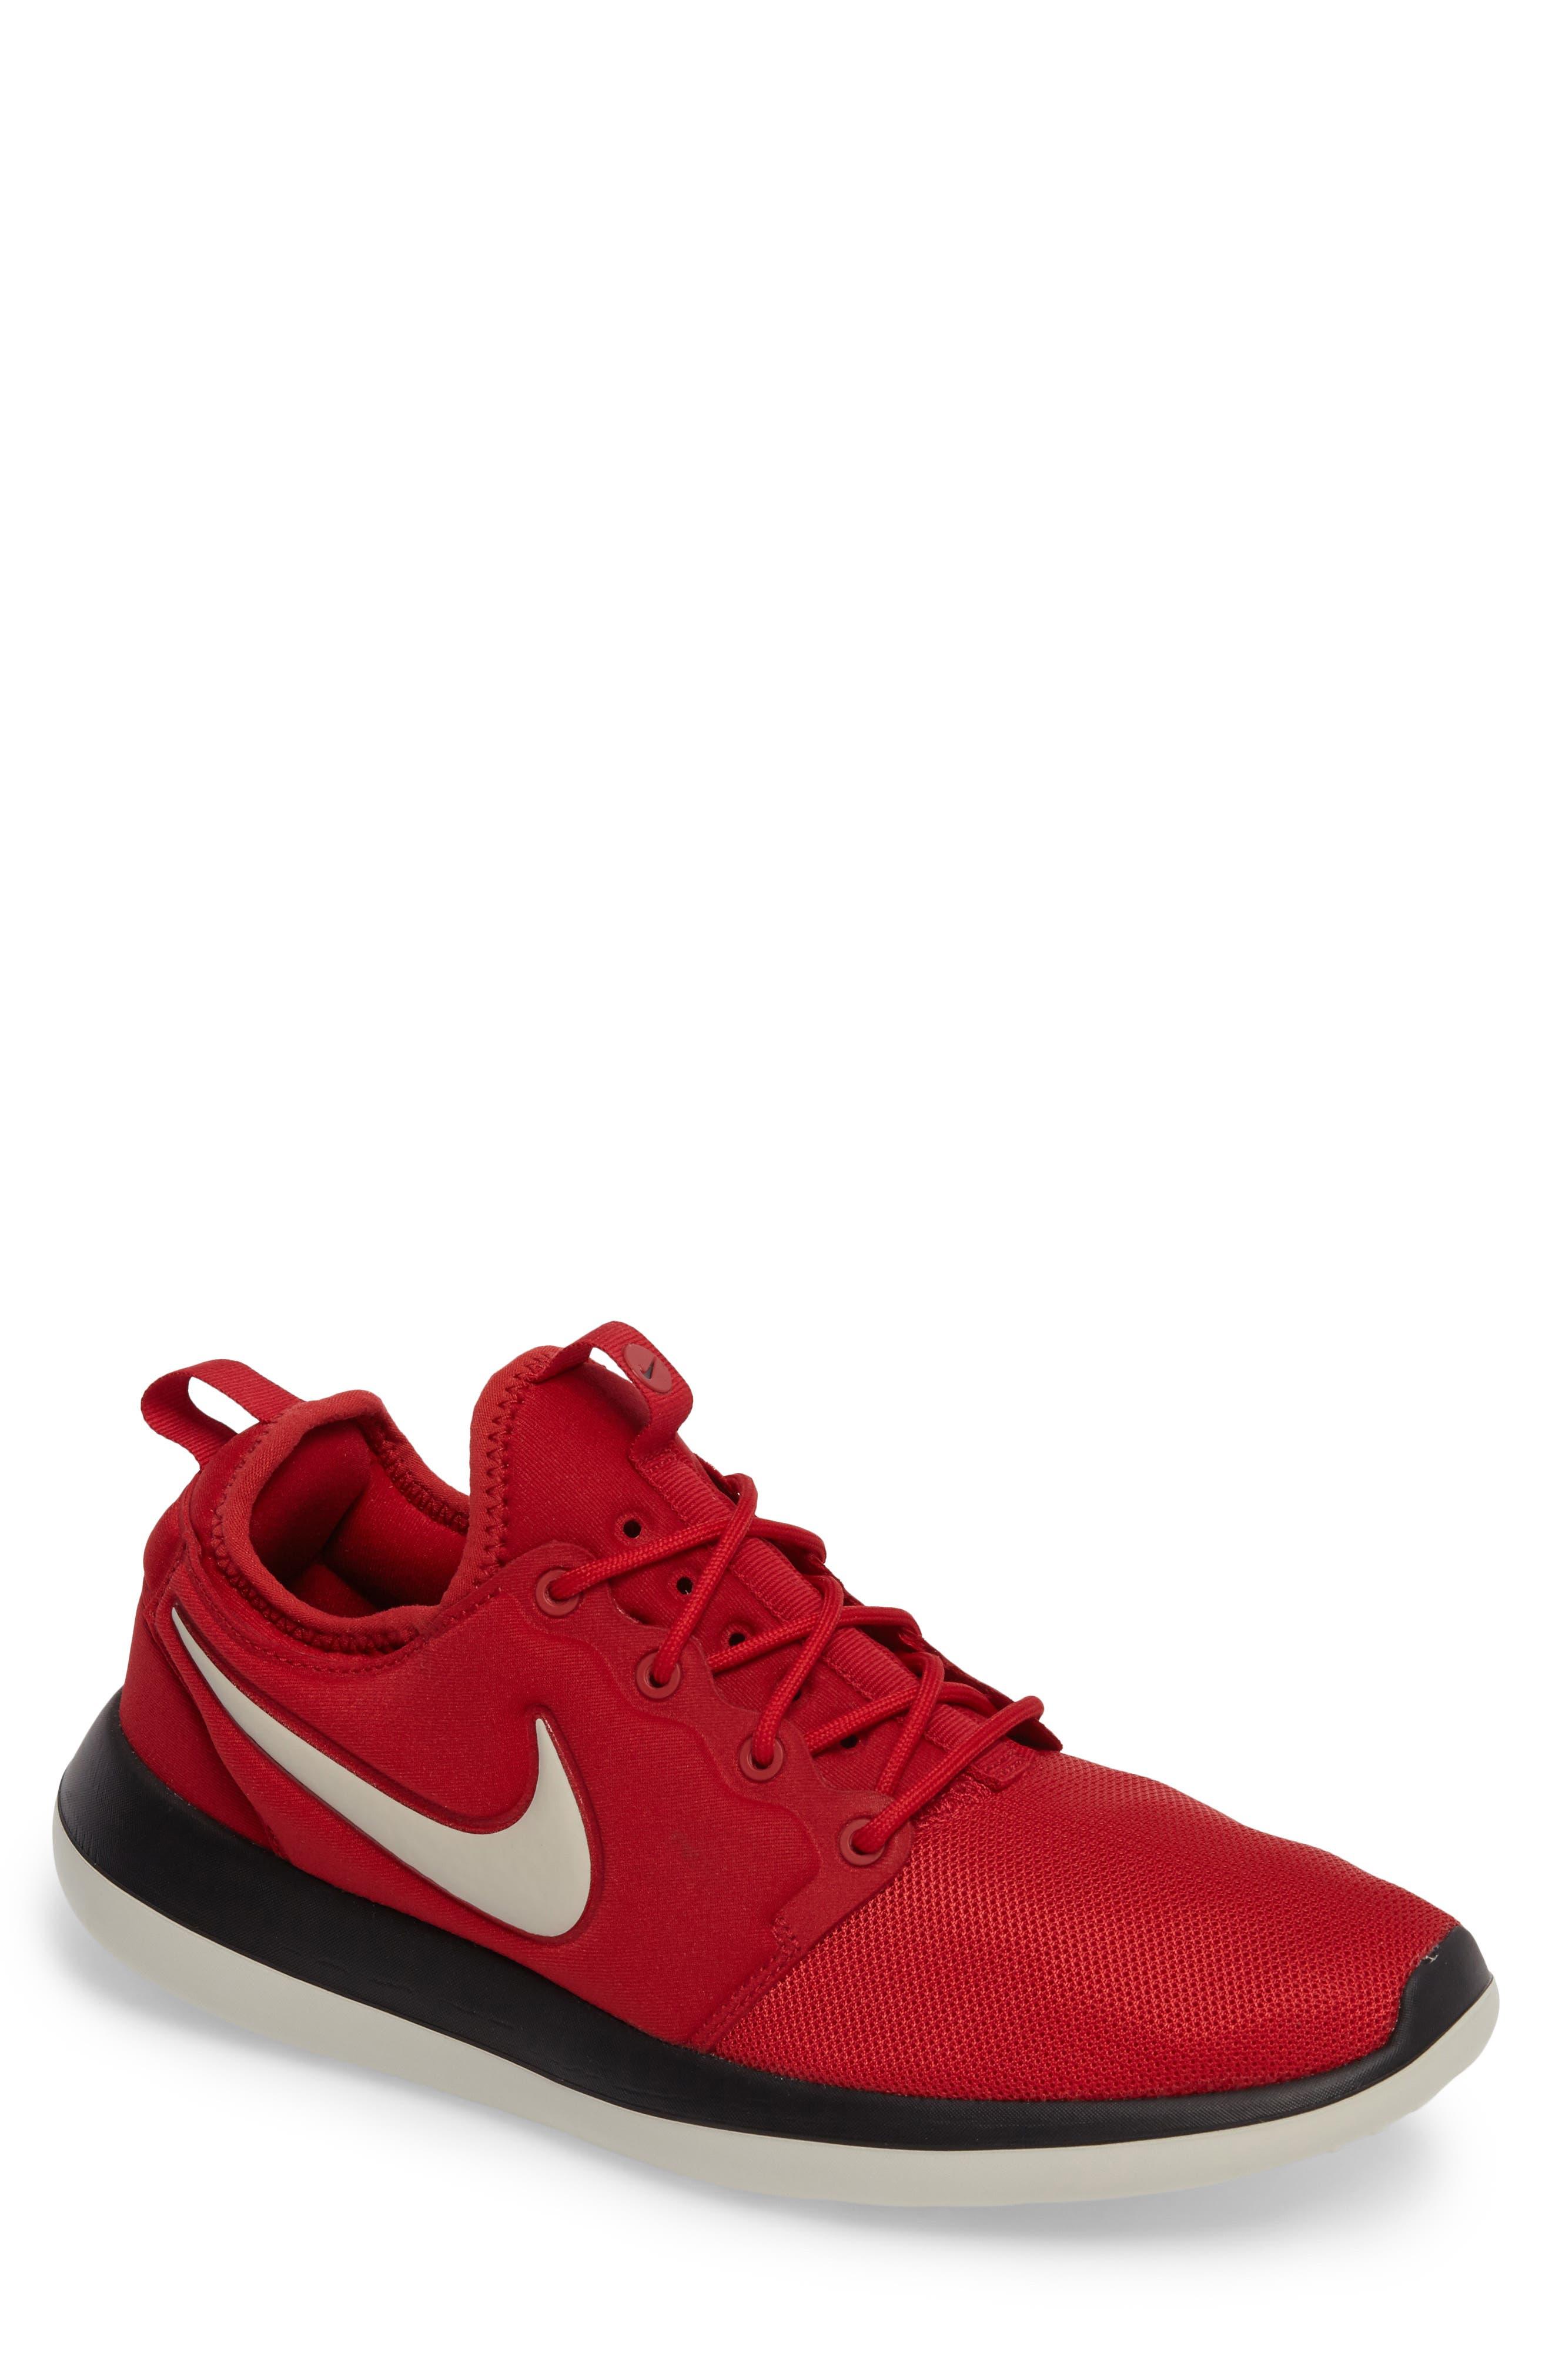 Roshe Two Sneaker,                             Main thumbnail 10, color,